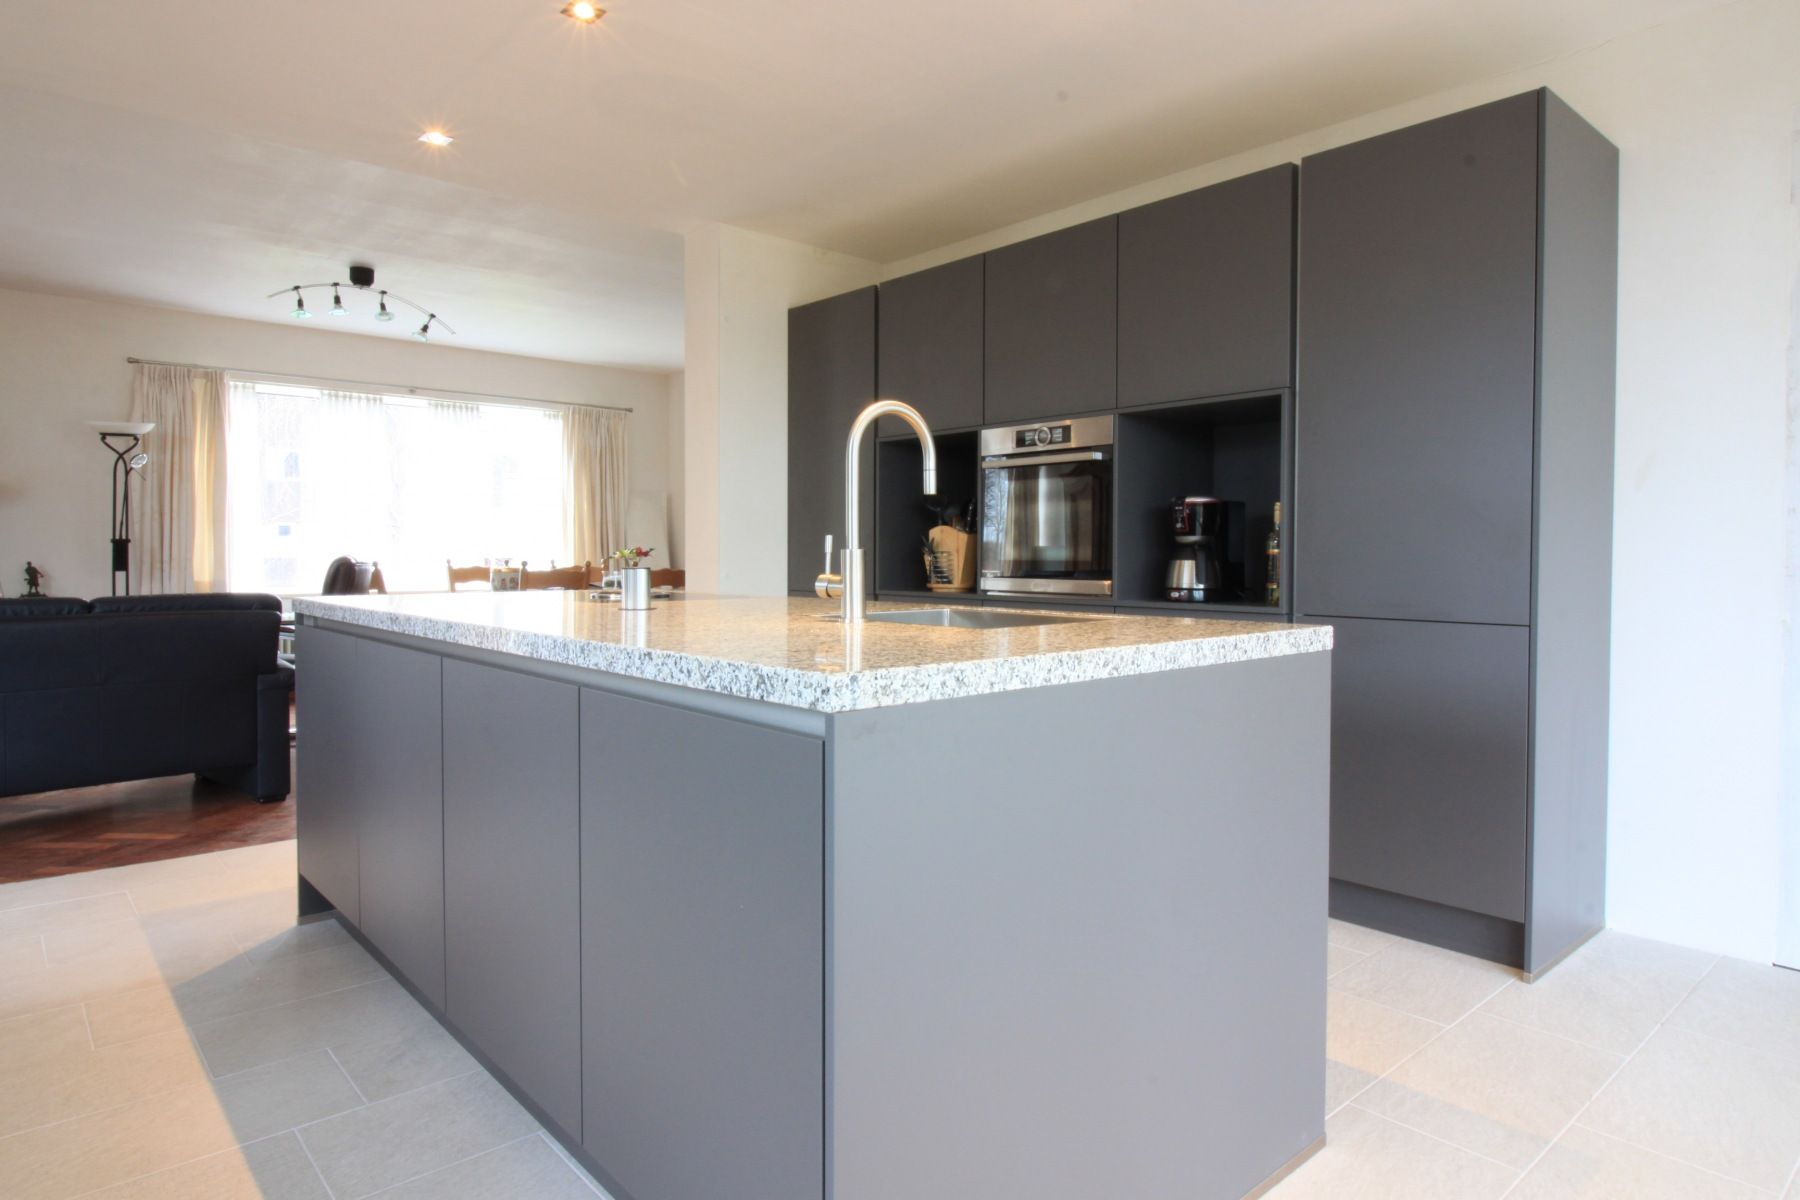 Antraciet muur wit en licht grijs kookeiland wonen en keuken in